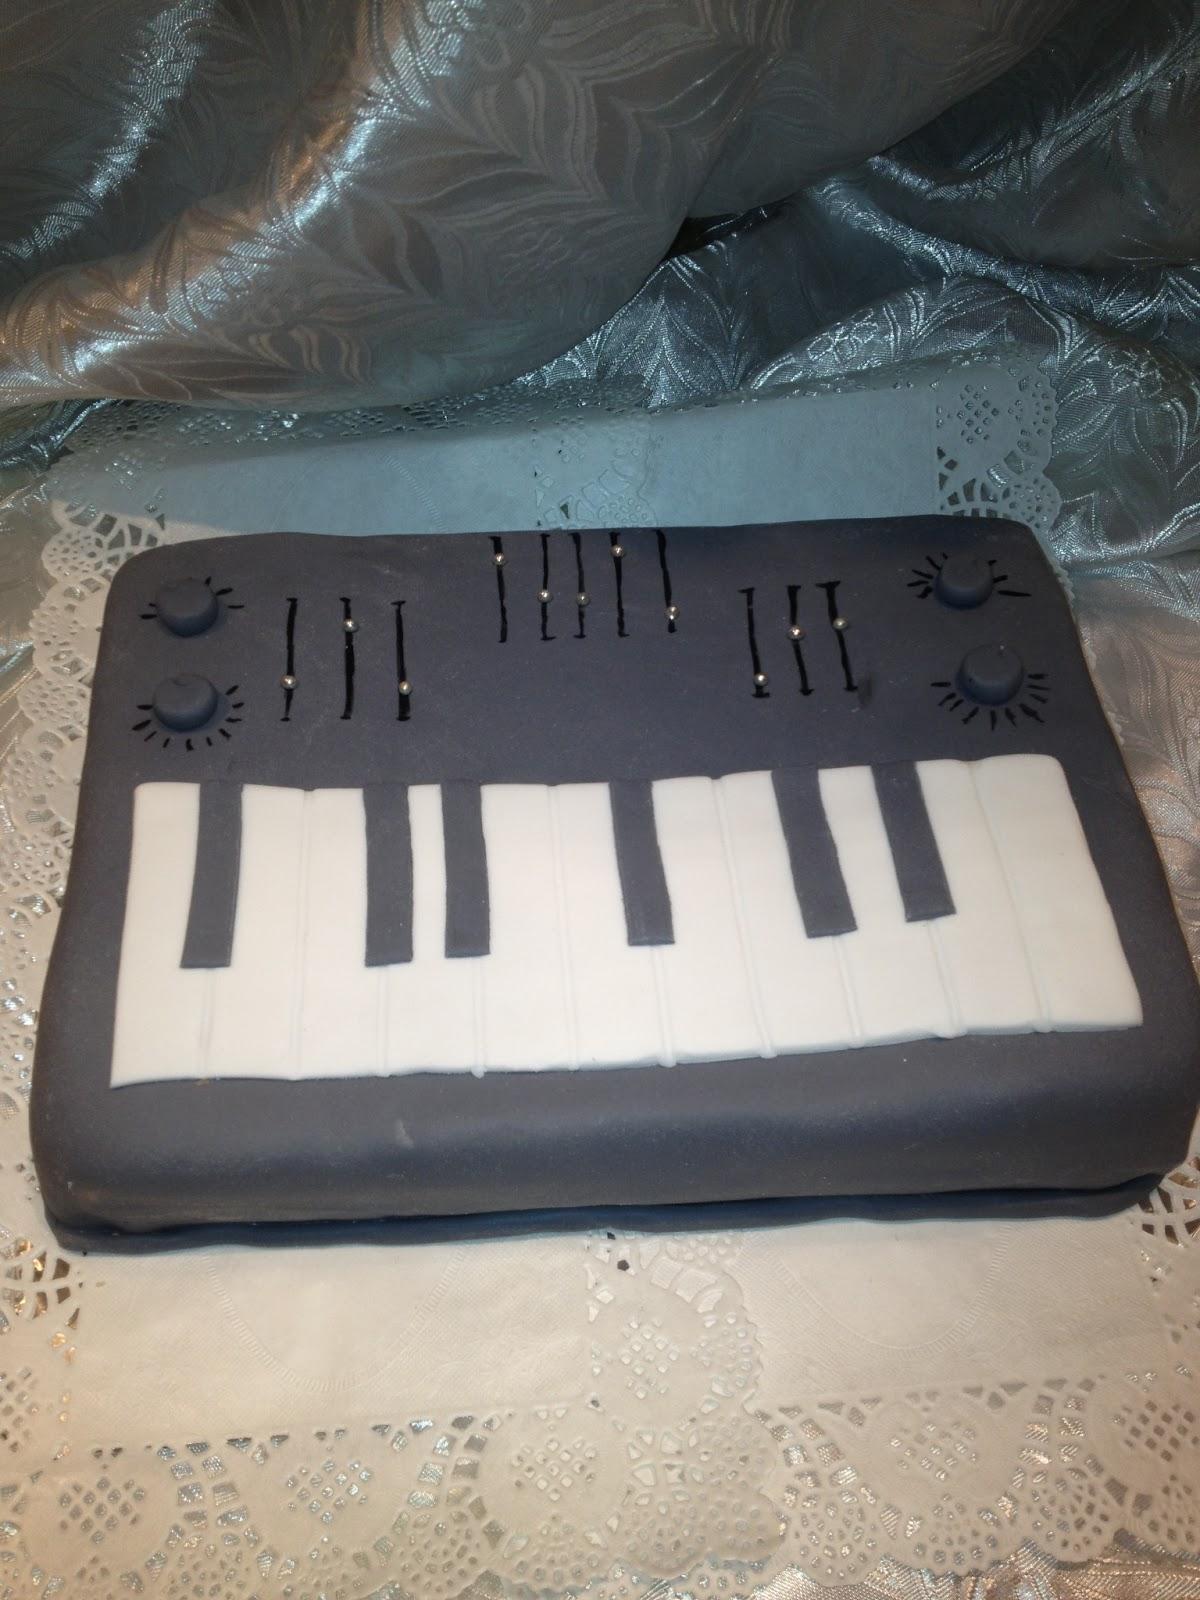 szintetizátor torta képek Tortamóka: Szintetizátor torta szintetizátor torta képek